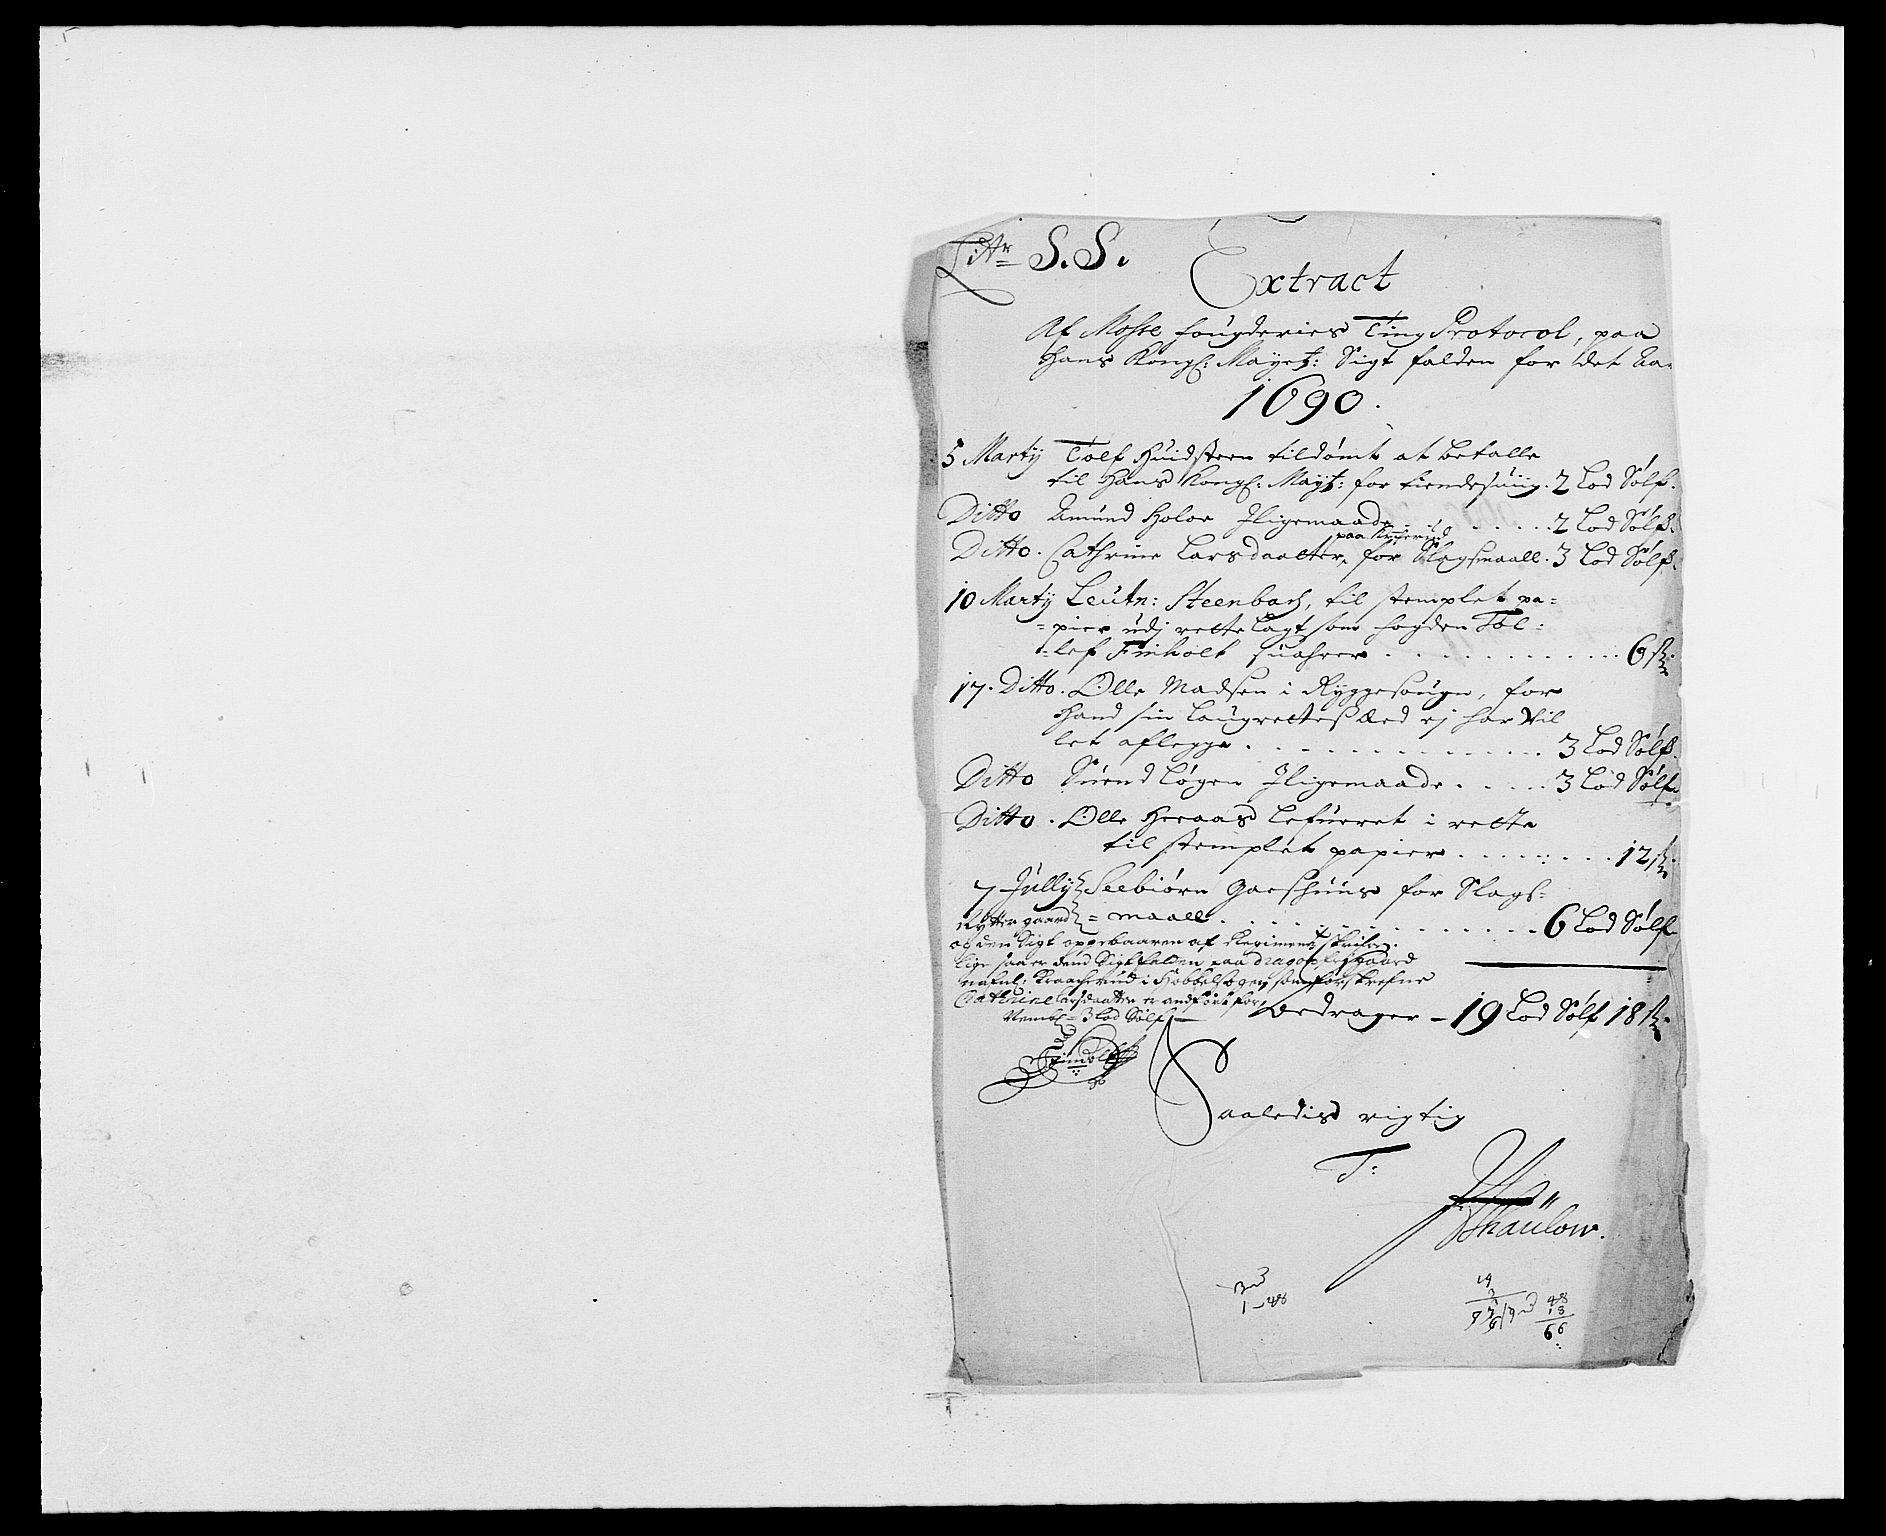 RA, Rentekammeret inntil 1814, Reviderte regnskaper, Fogderegnskap, R02/L0106: Fogderegnskap Moss og Verne kloster, 1688-1691, s. 334